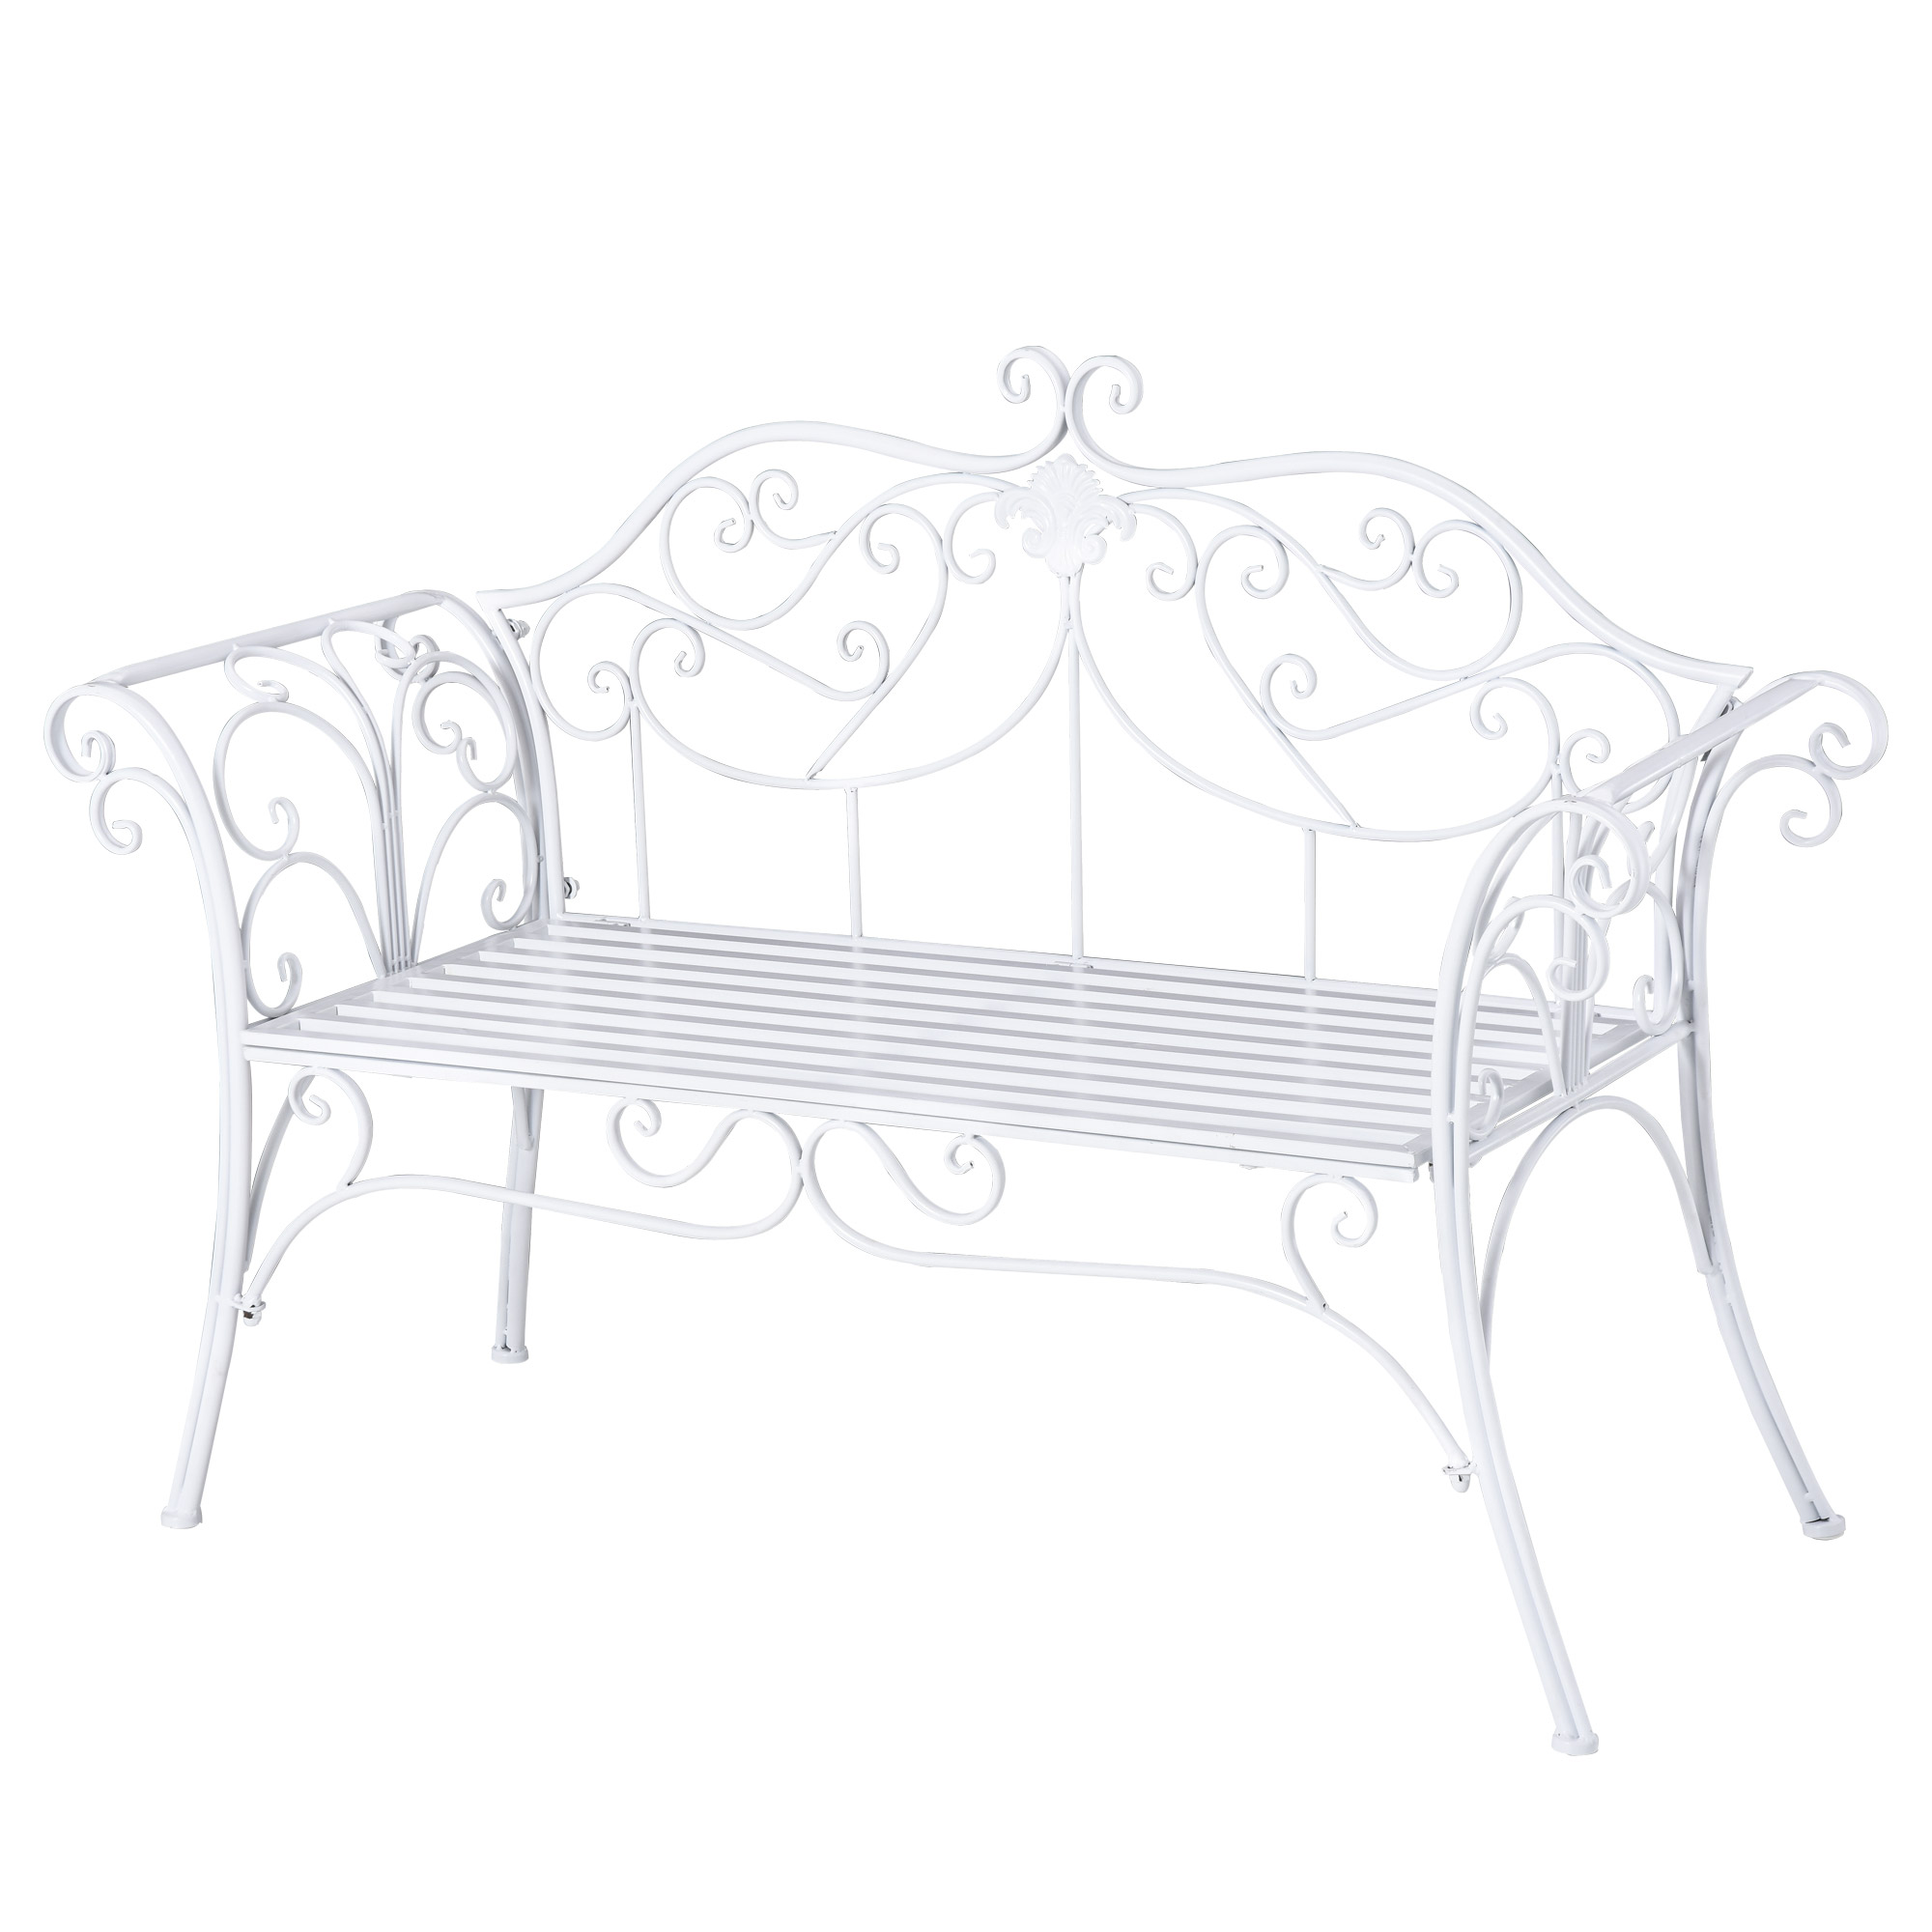 Banc de jardin 2 places style néo-rétro fer forgé motif fleur de lys blanc